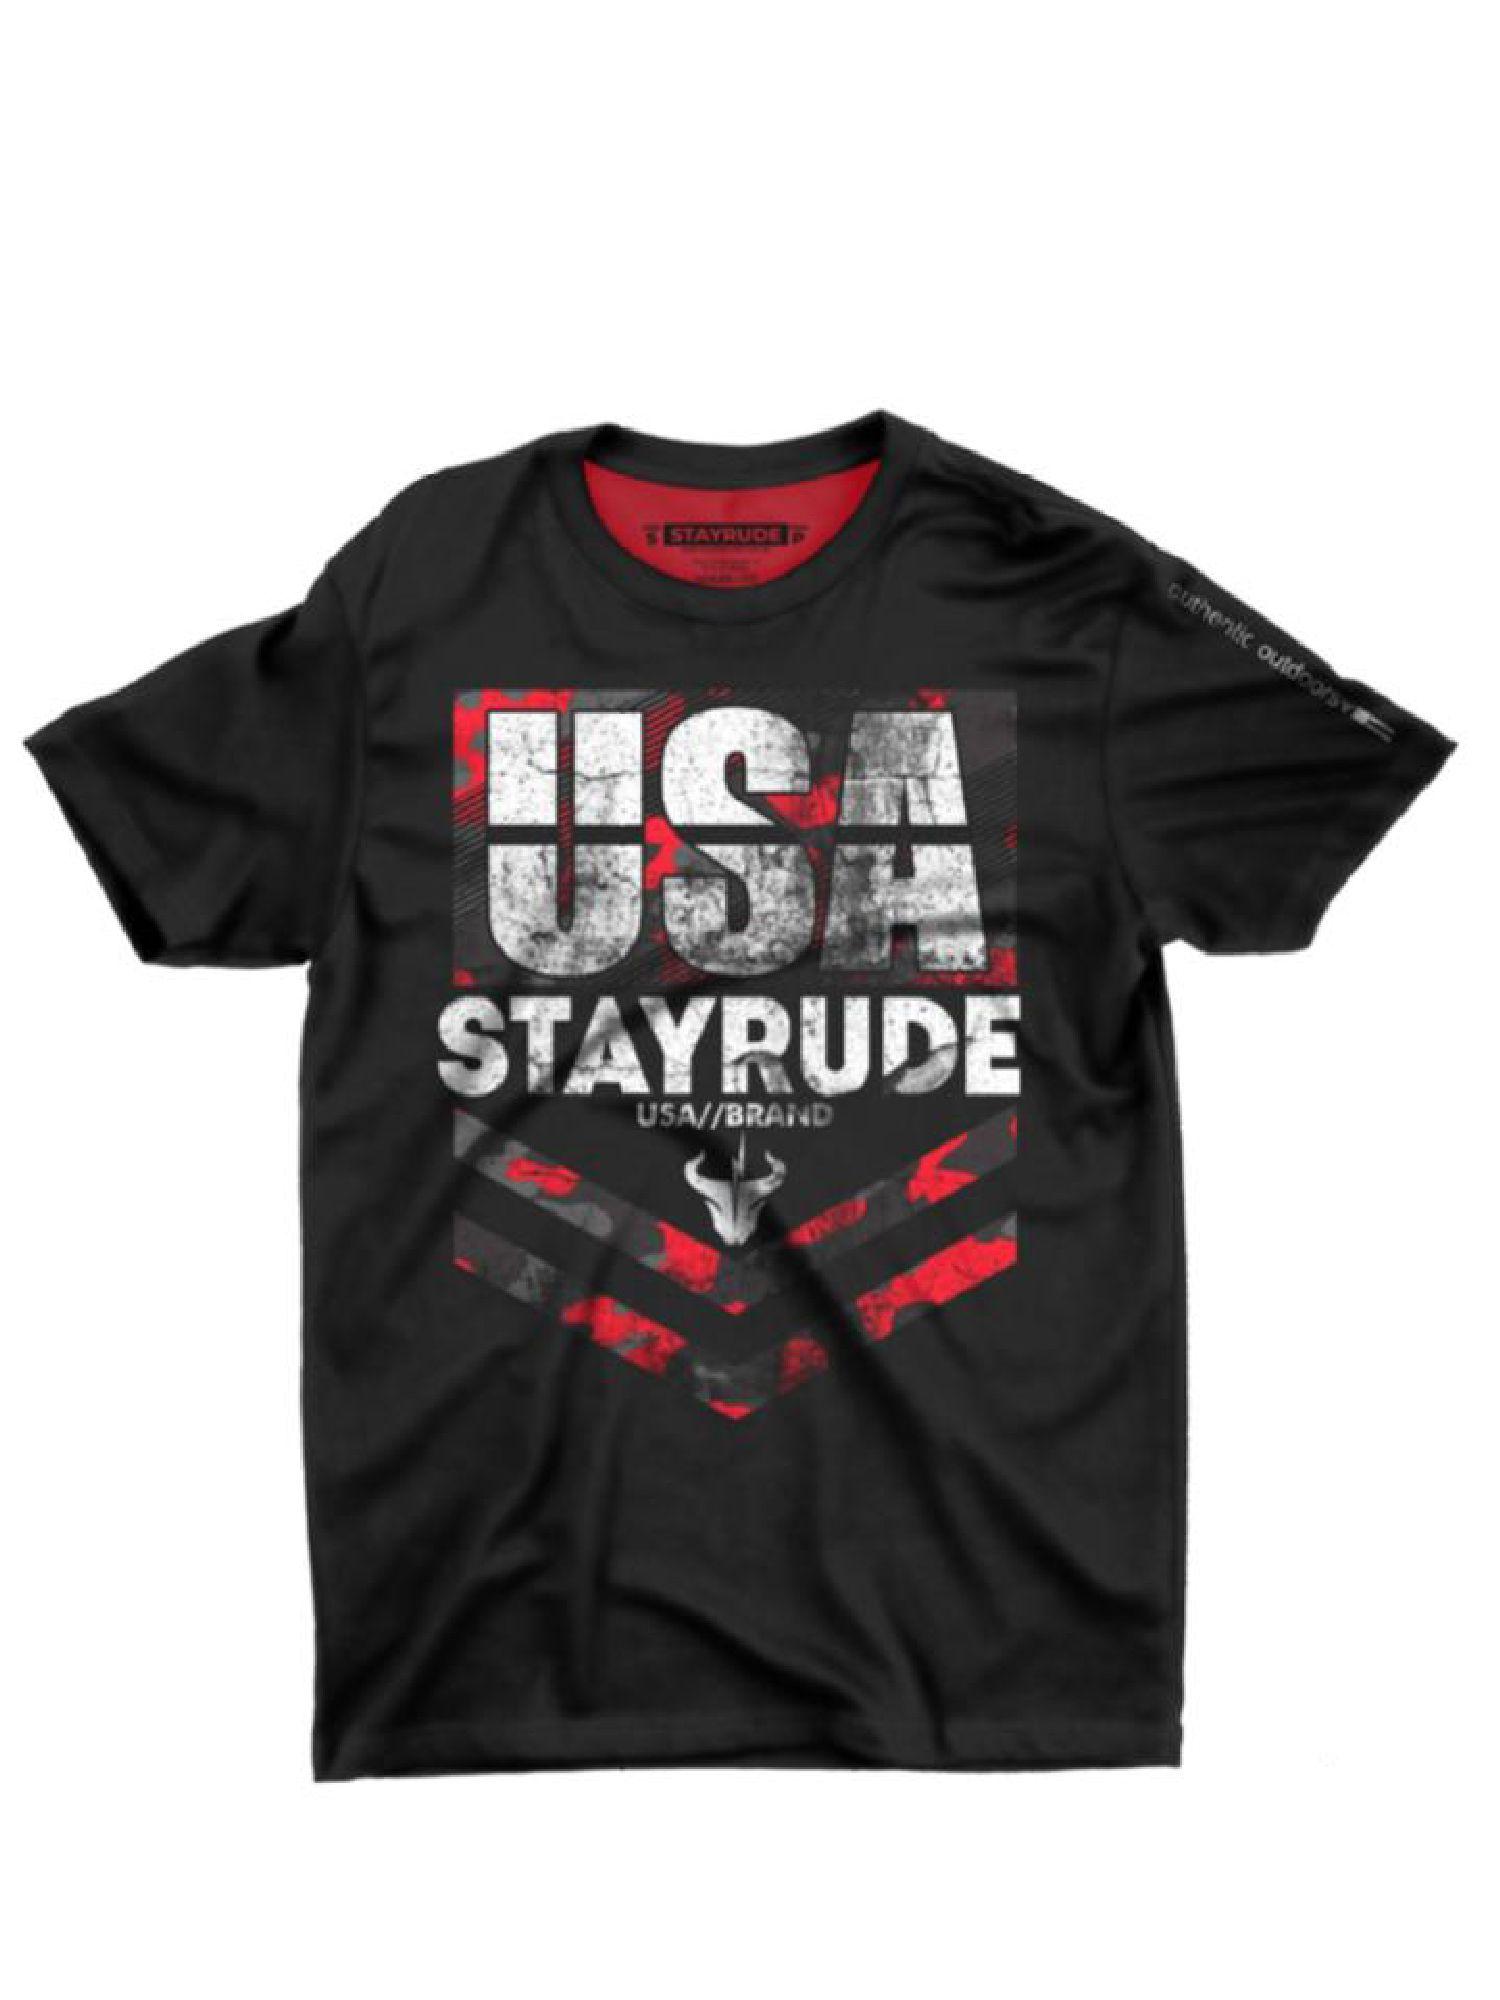 Camiseta Masculina Stay Rude U.S.A